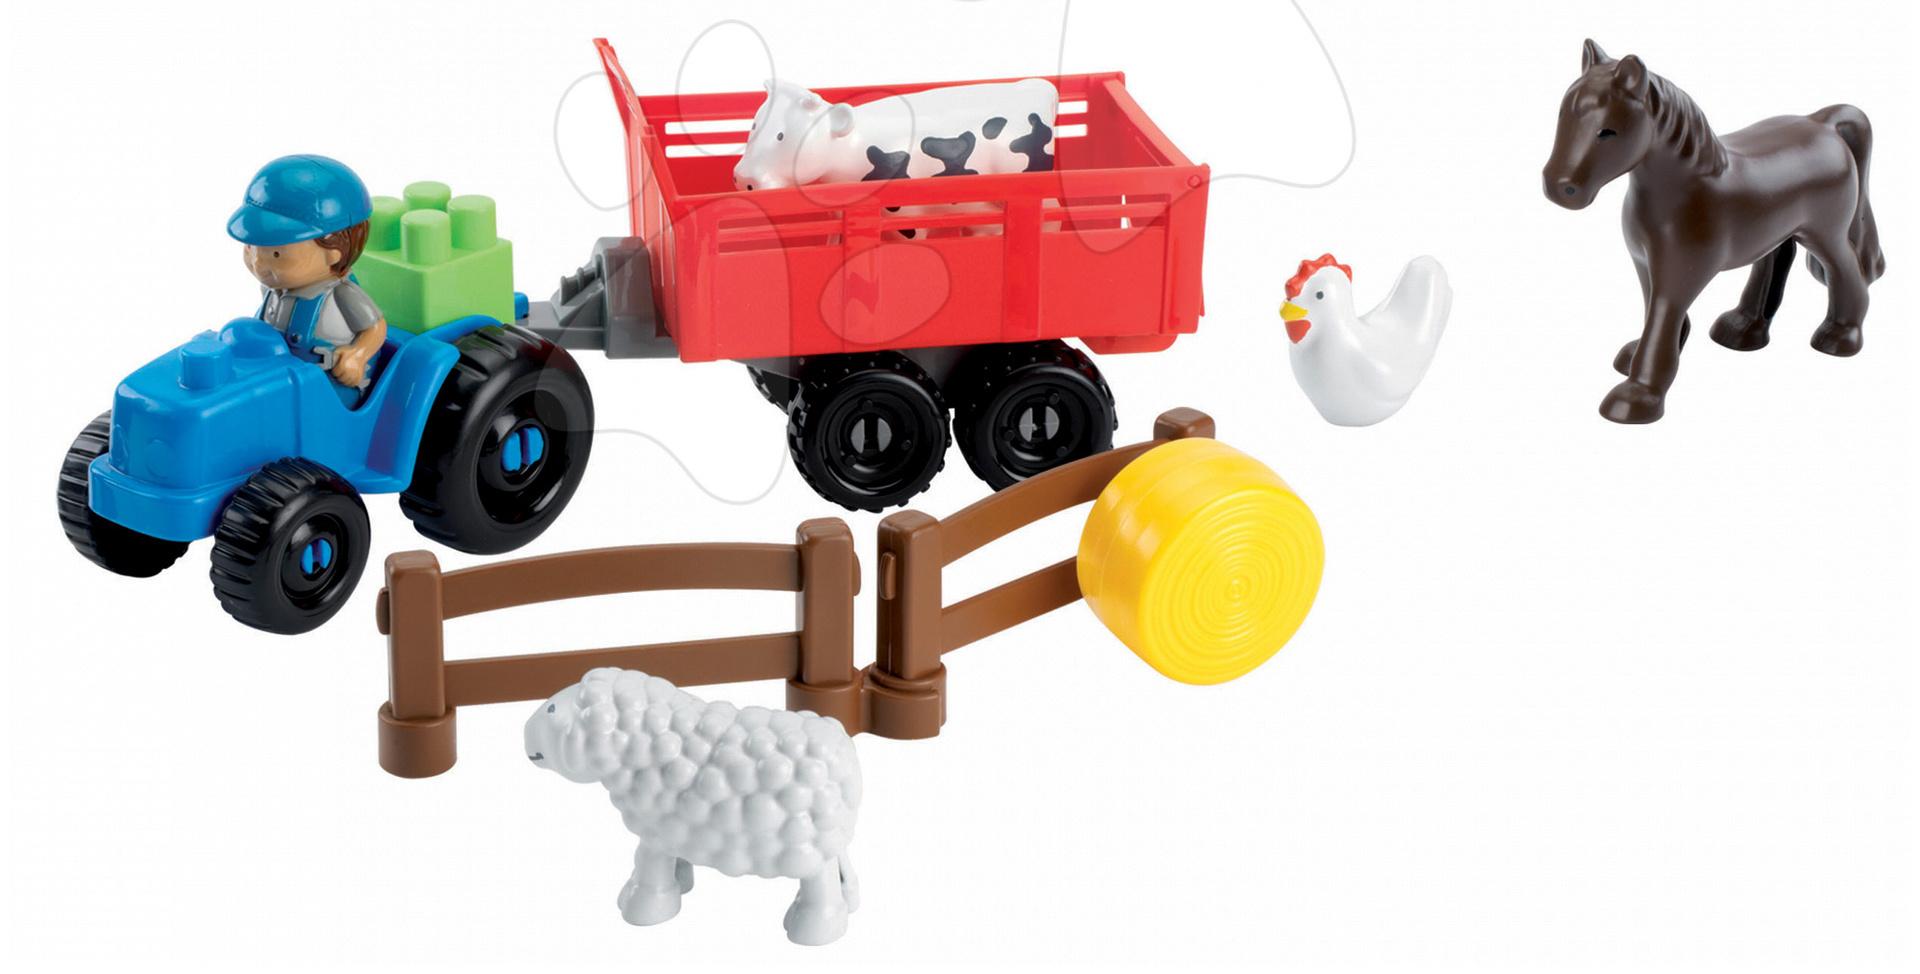 Stavebnice traktor s vlečkou a zvířátky Abrick Écoiffier 25 dílů od 18 měsíců